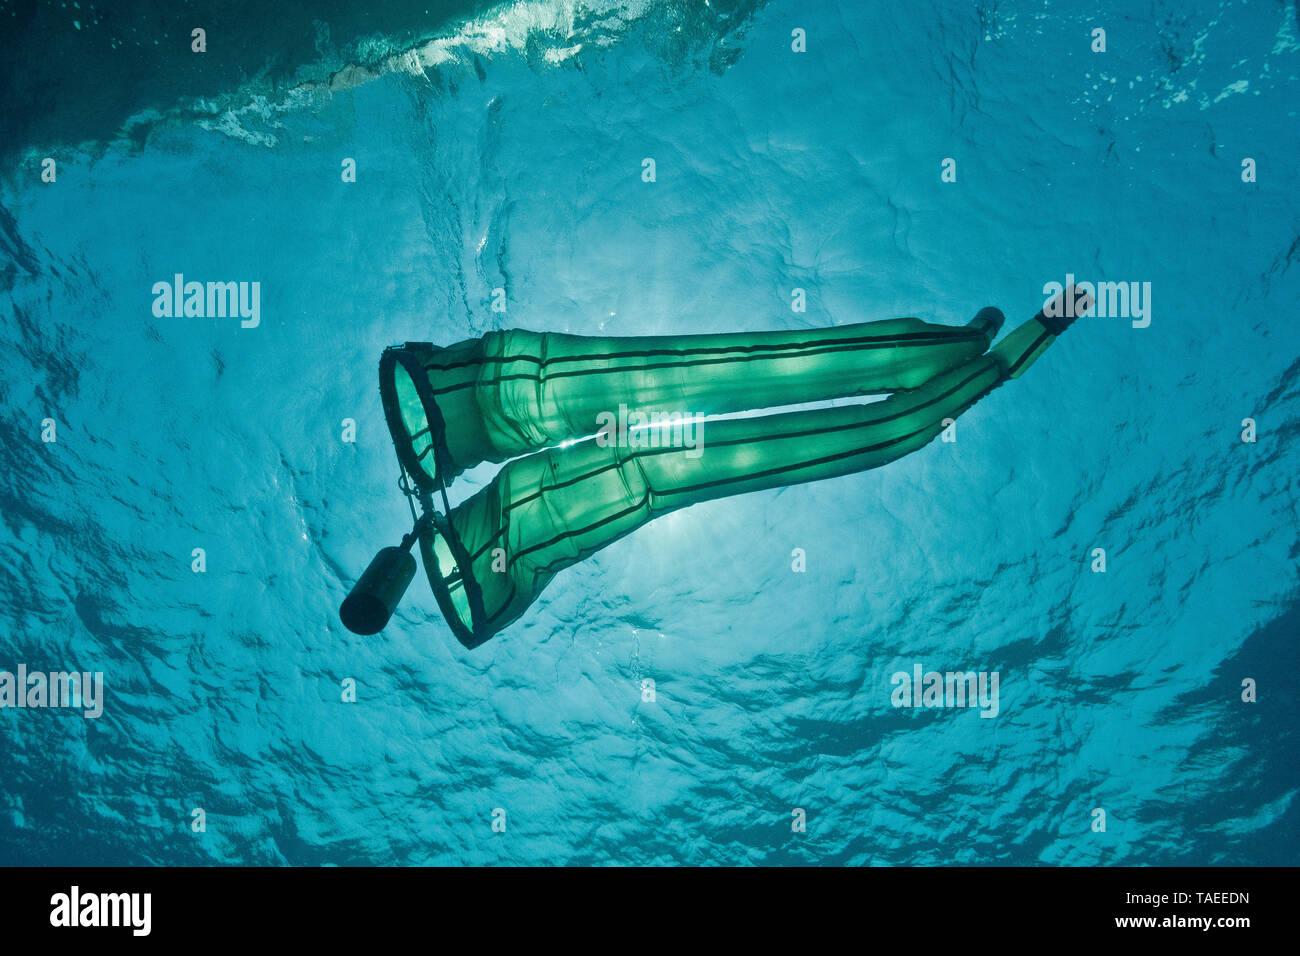 Tara Oceans Expeditions - Mayo de 2011. Agregación Salp conteniendo pequeños camarones (simbiosis?). Un salps salp (plural) o salpa (plural salpae o salpas) es una forma de tonel, tunicate planctónicas. Se mueve por la contratación, por lo tanto, el bombeo de agua a través de su gelatinoso cuerpo. Las cepas salp el agua bombeada a través de sus filtros de alimentación interna, alimentándose de fitoplancton. Salps son comunes en ecuatorial, templado, y mares fríos, donde pueden verse en la superficie, de forma individual o en colonias de largas y delgadas. La m Foto de stock